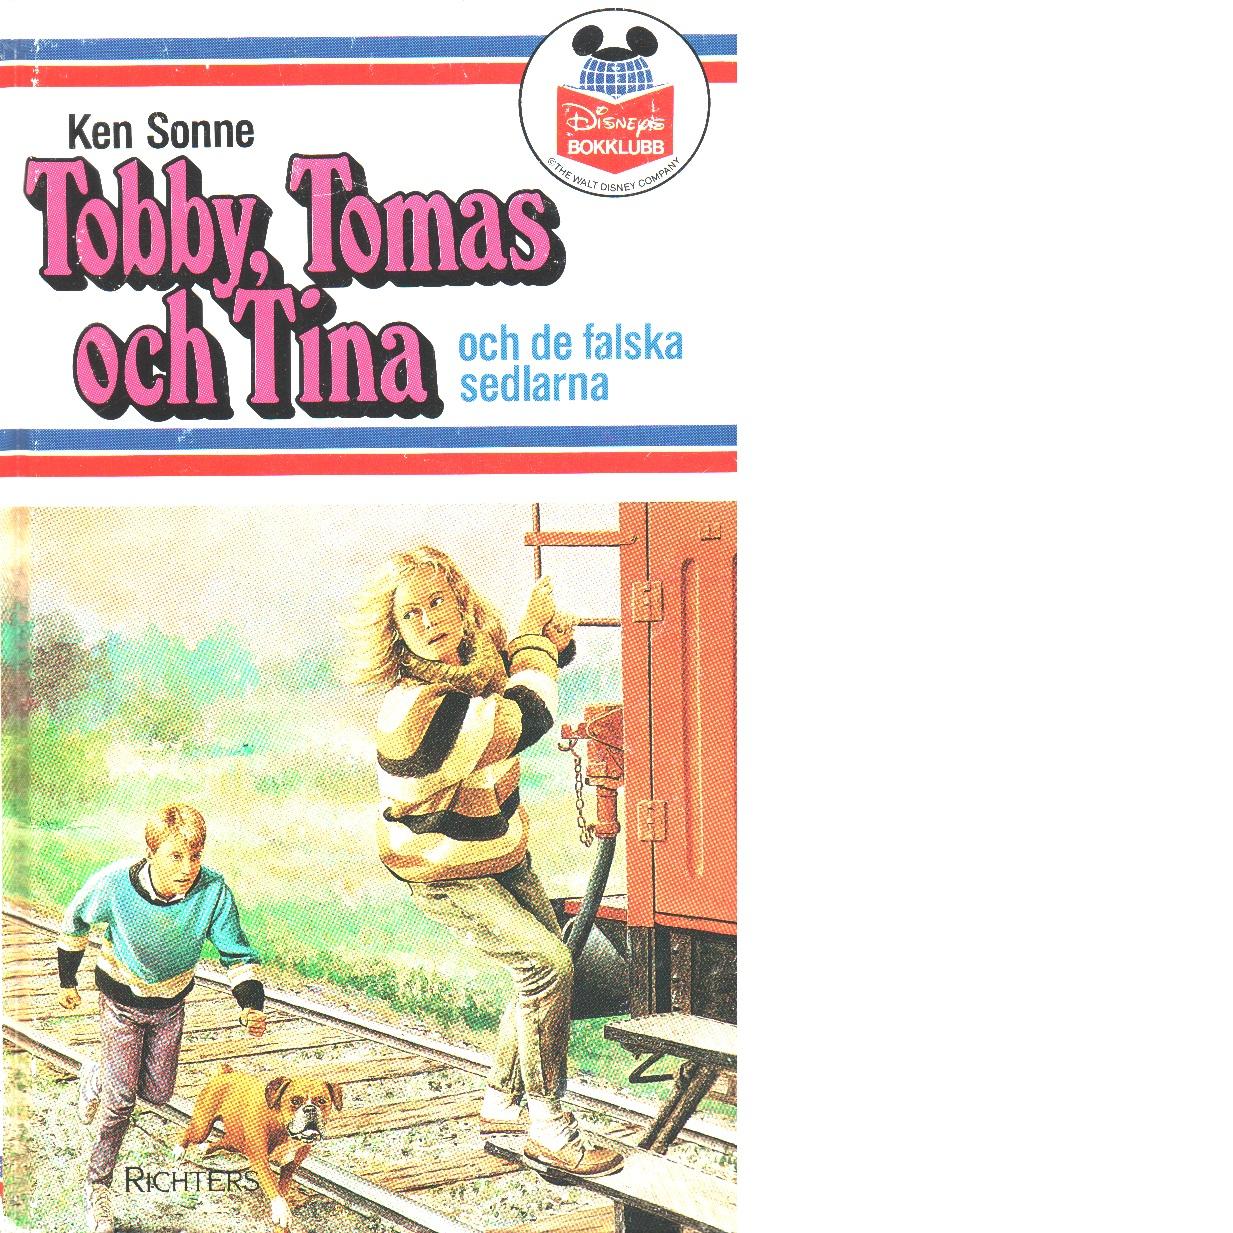 Tobby, Tomas och Tina och de falska sedlarna - Sonne, Ken